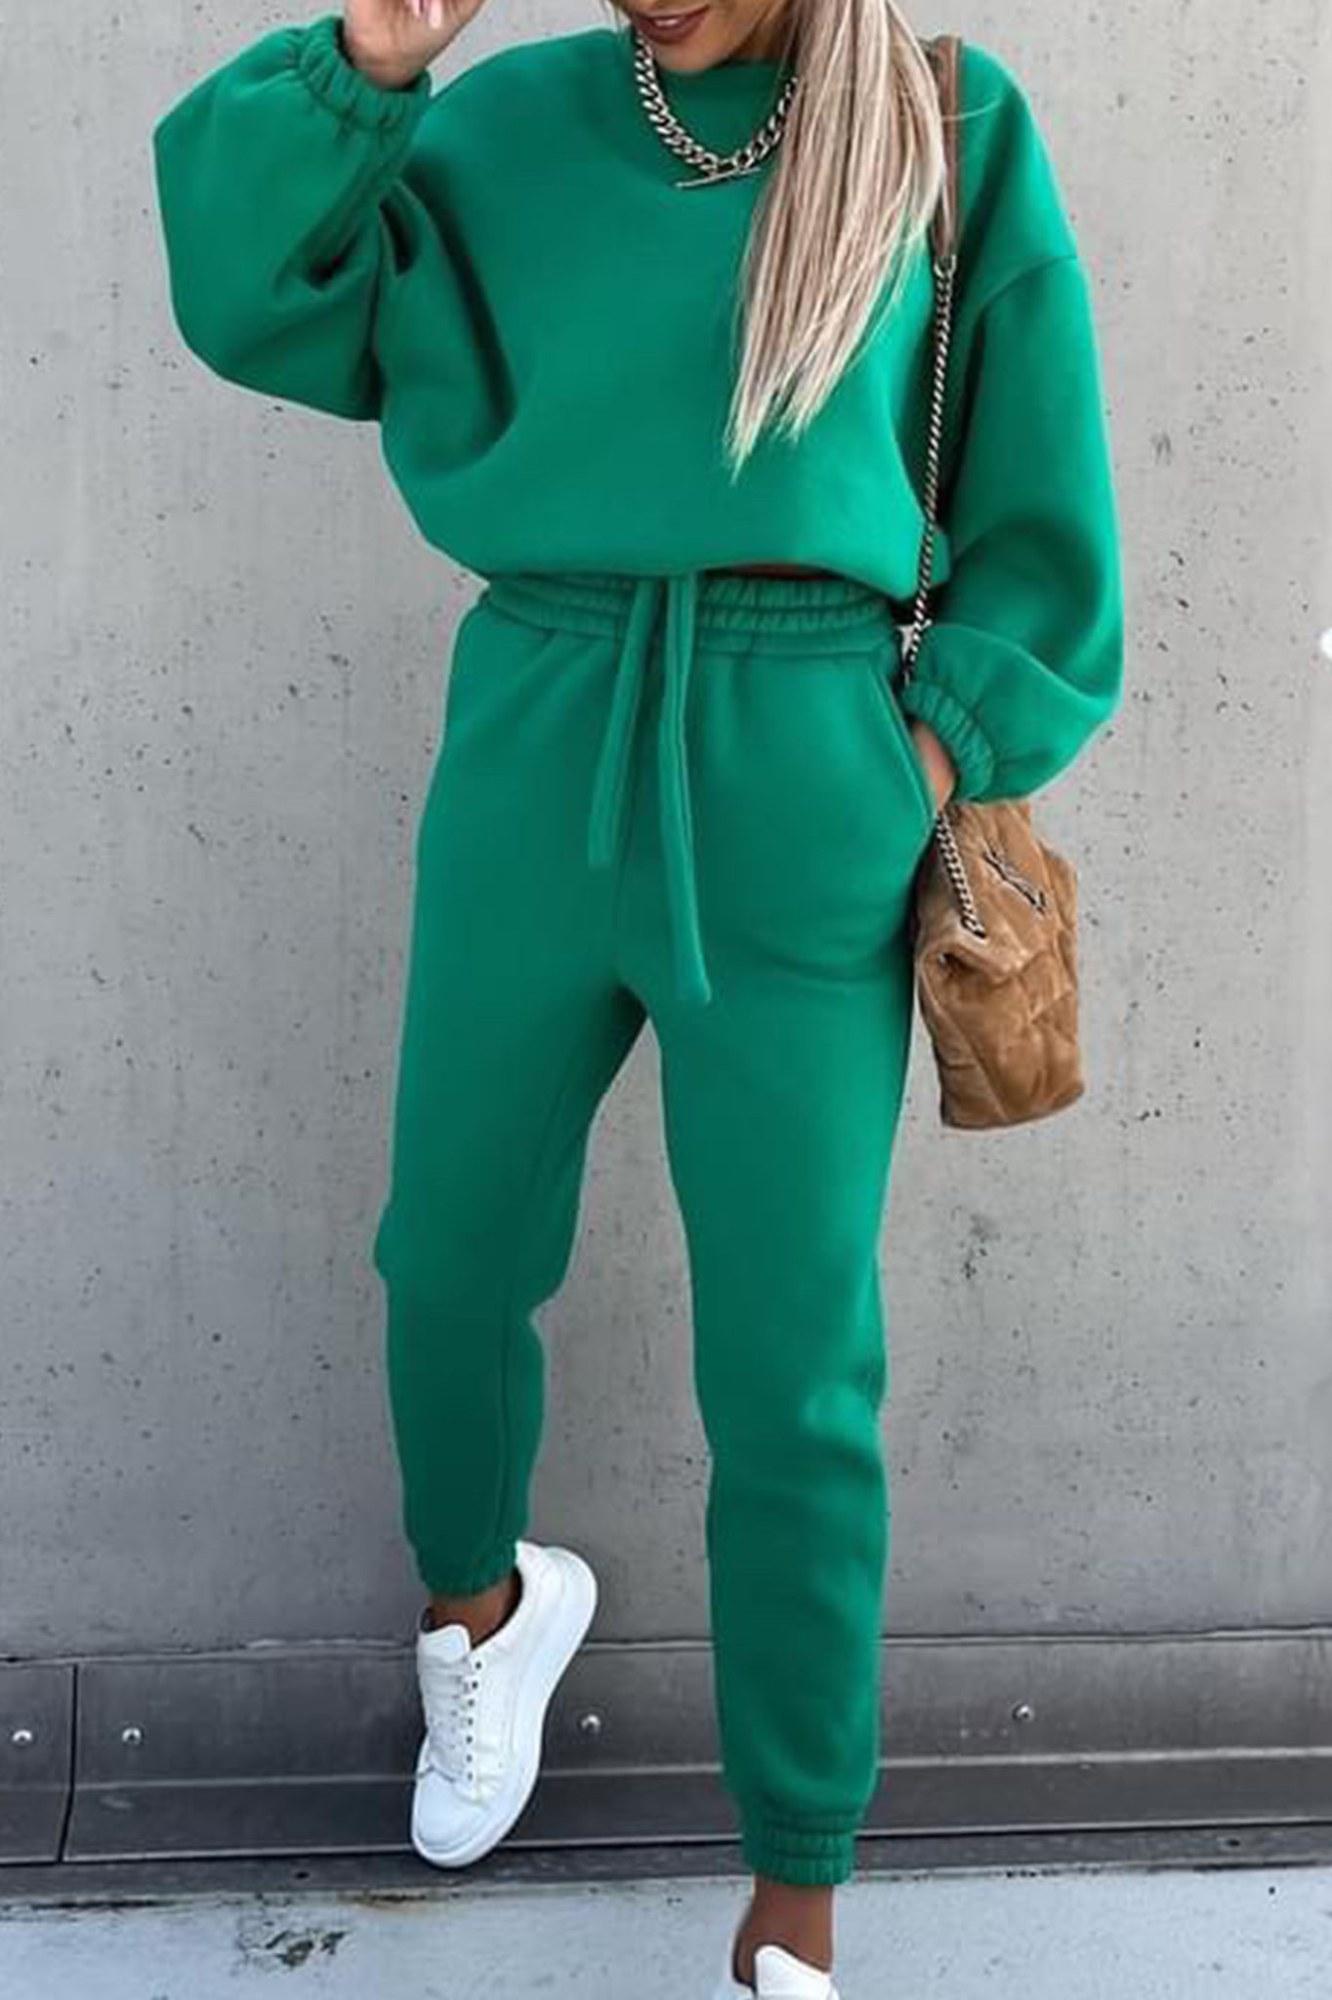 Σετ φόρμες φούτερ cargo style - Πράσινο